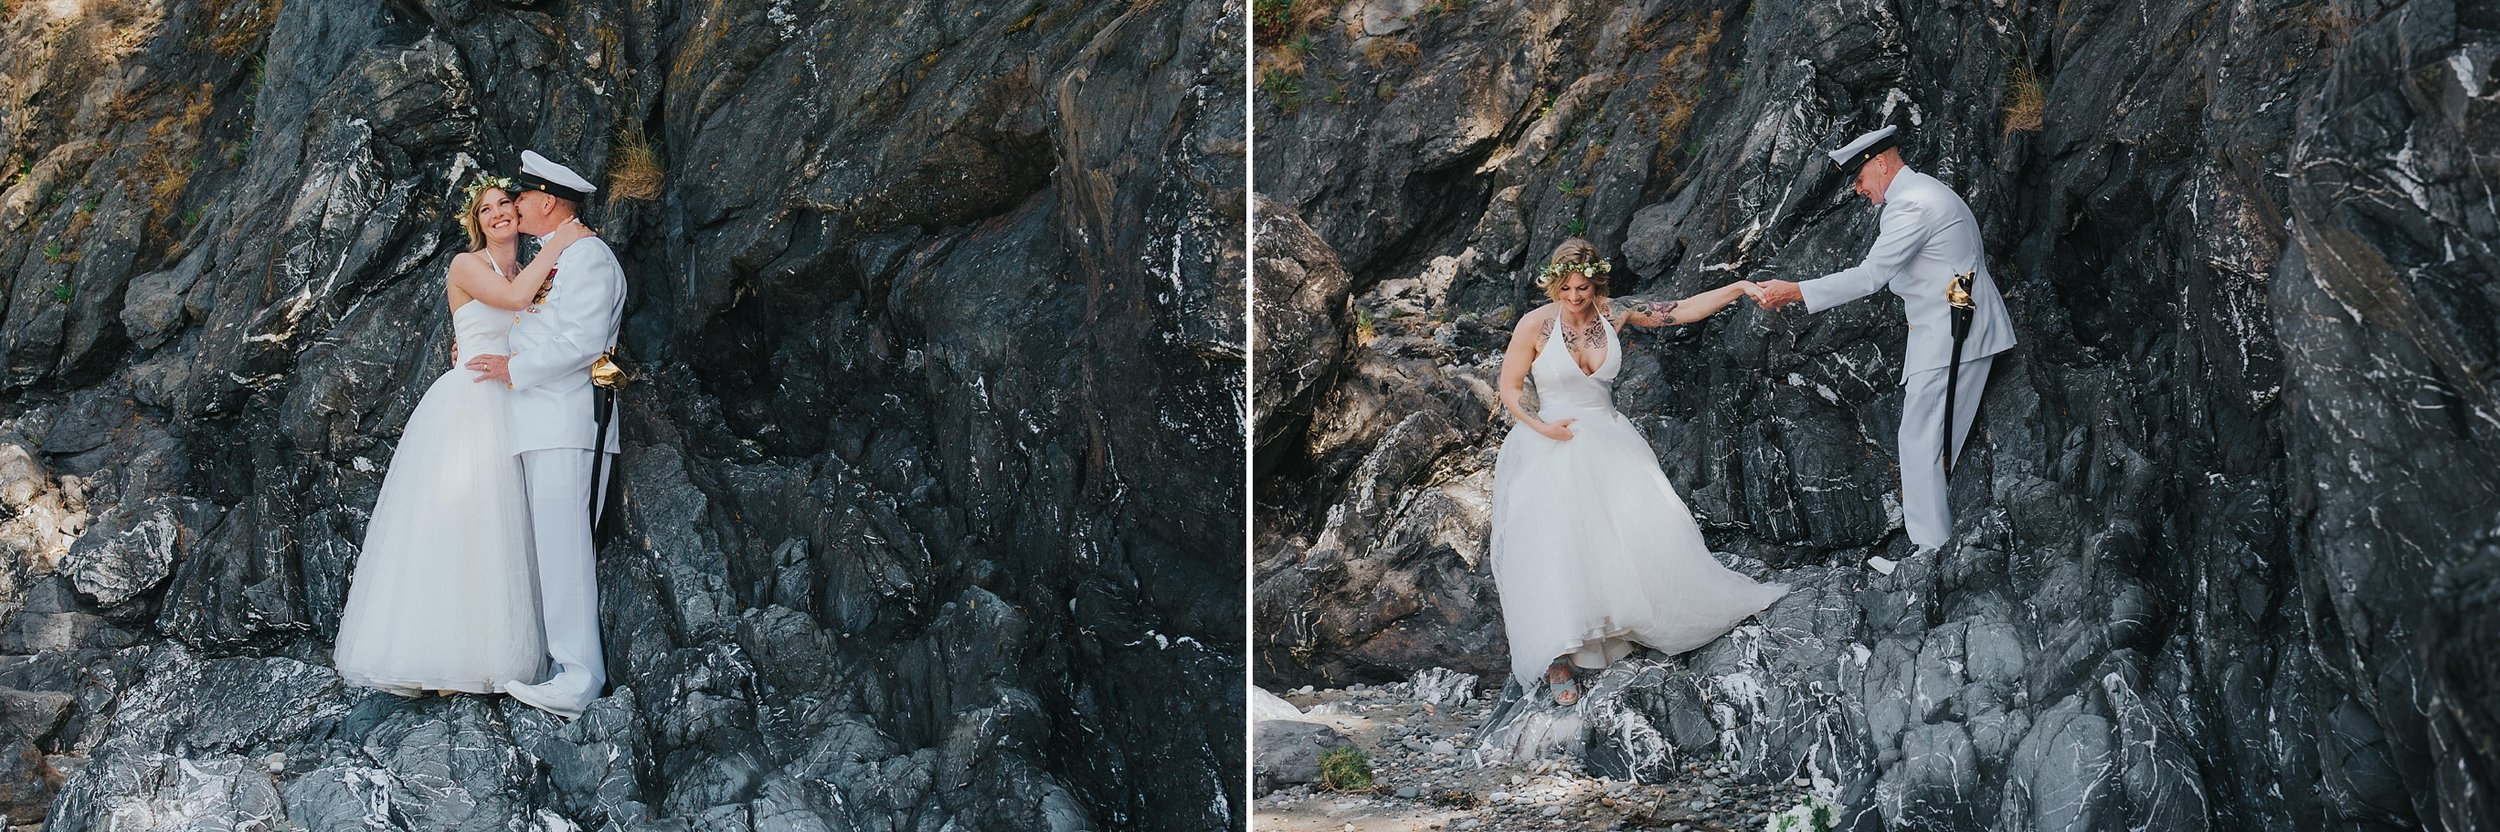 Orcas-Island-Wedding-photographer-J HODGES PHOTOGRAPHY_0197.jpg